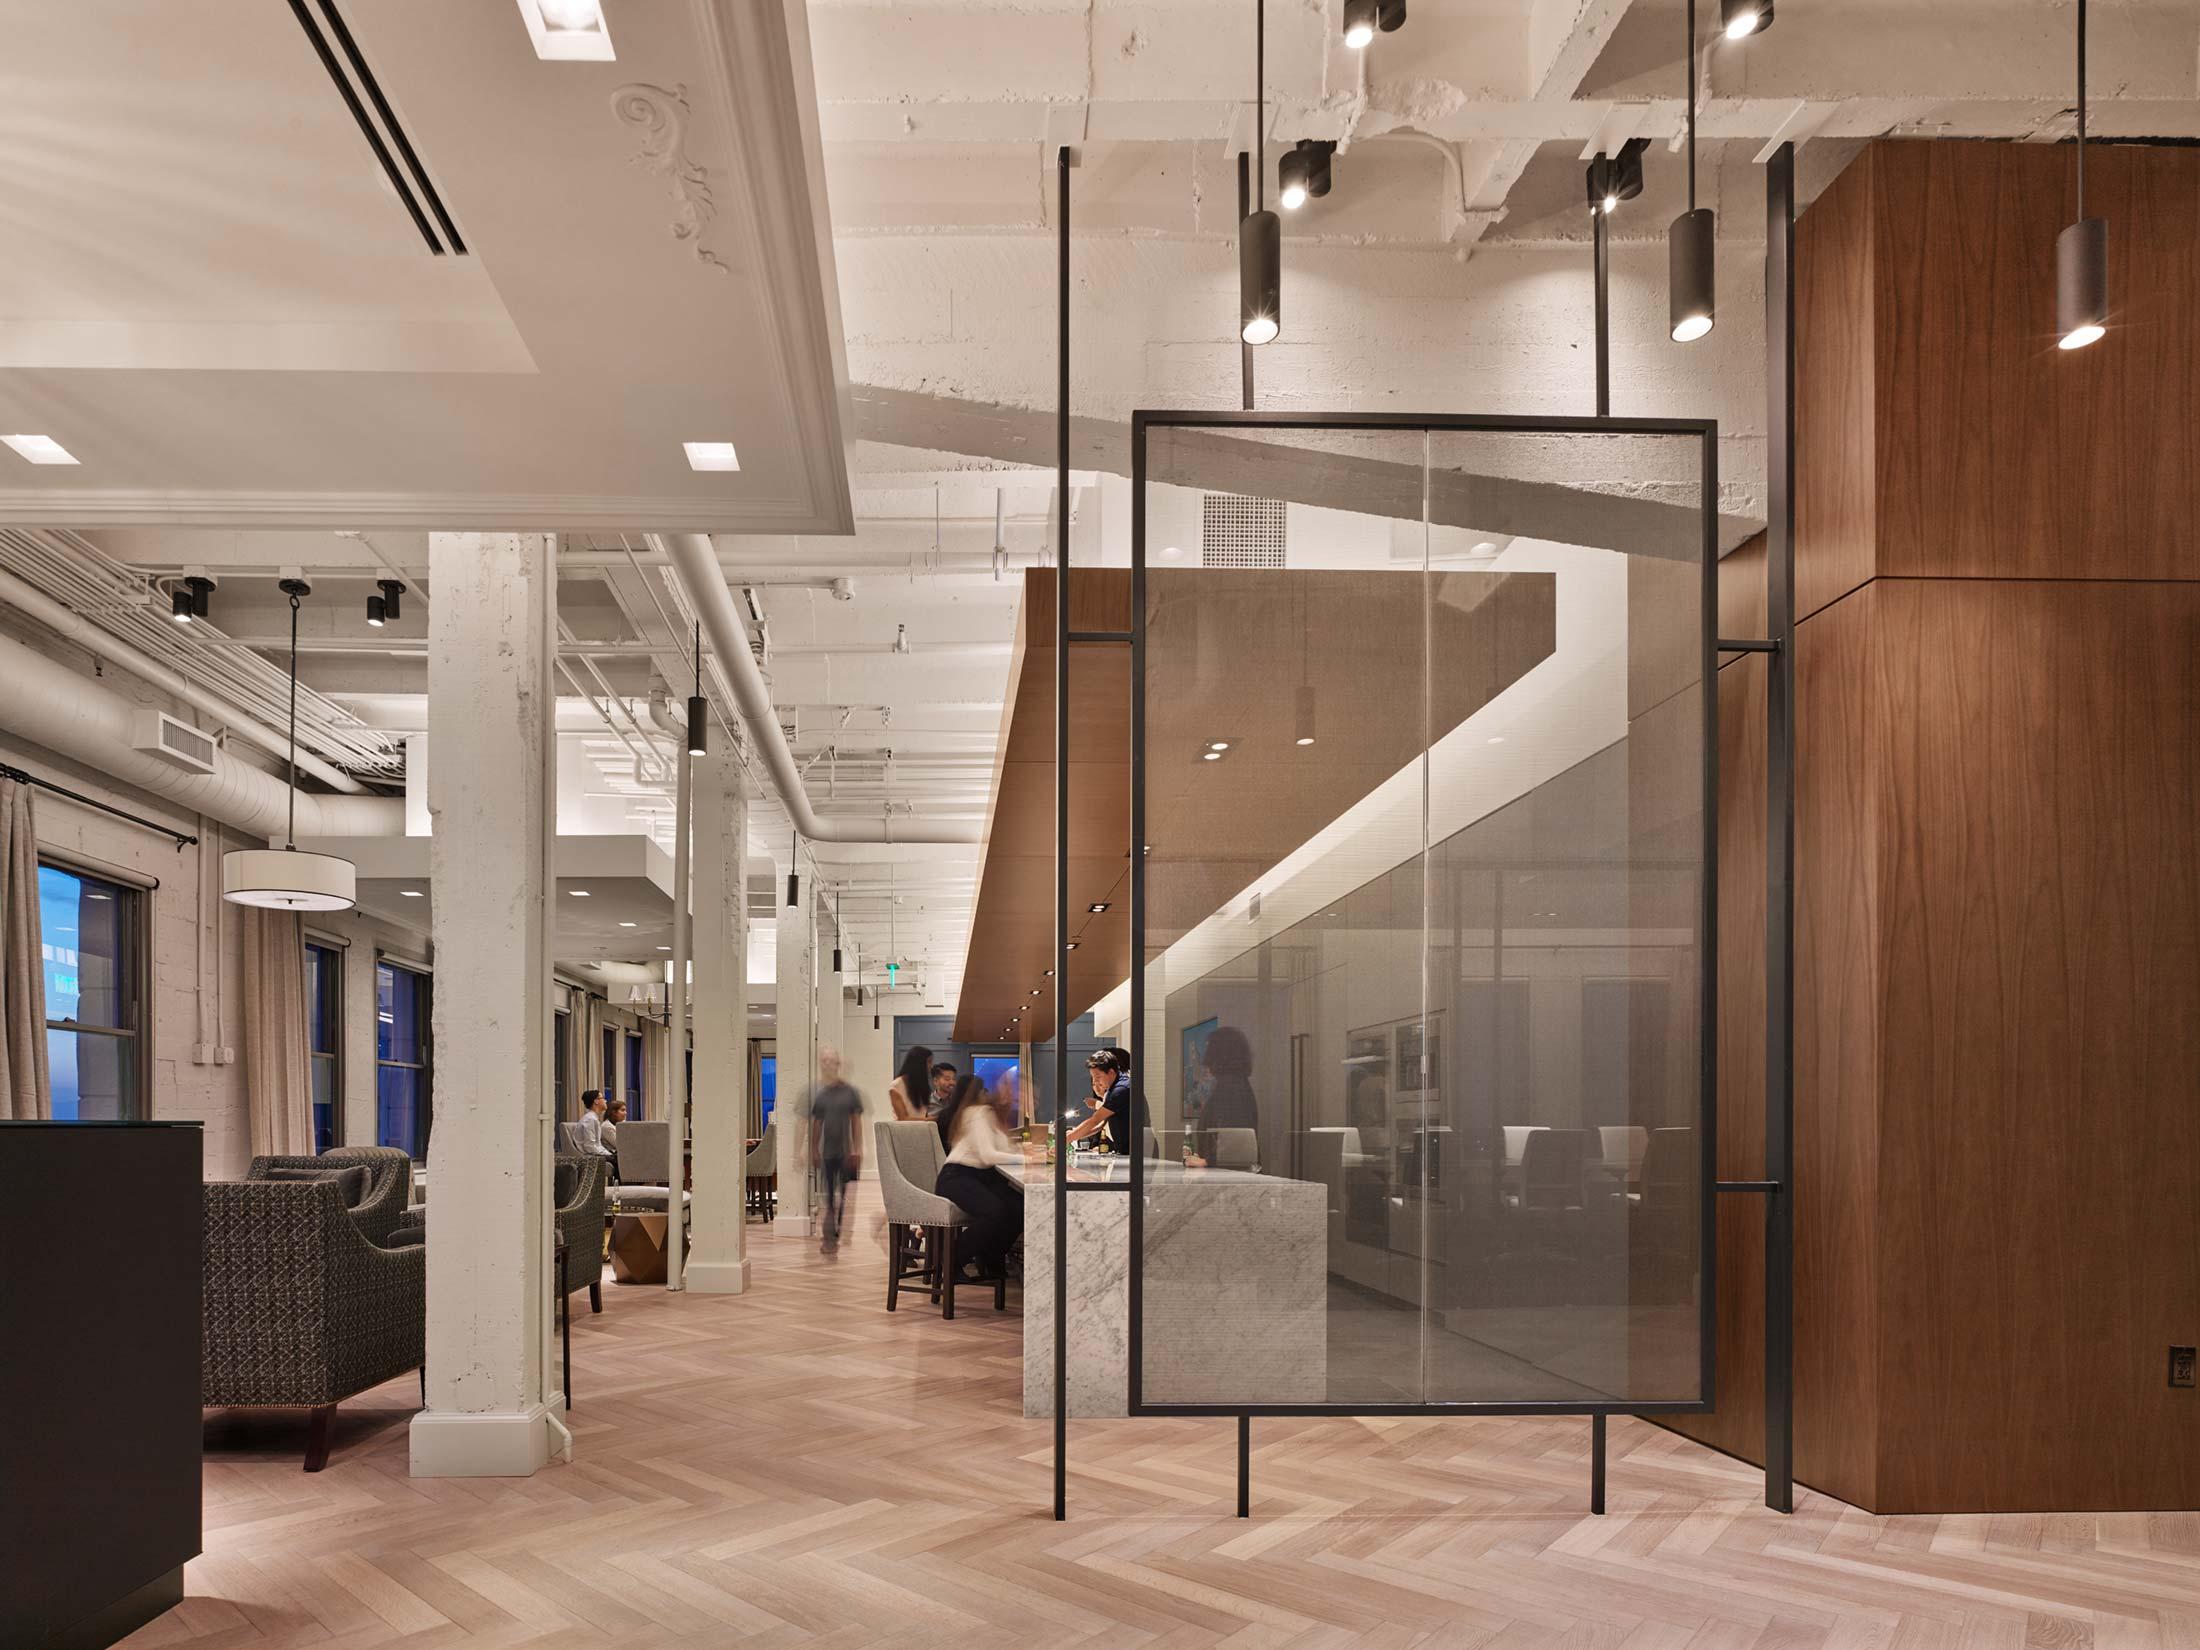 Modern architecture interior office -  Modern Architecture Interior Office 28 Download